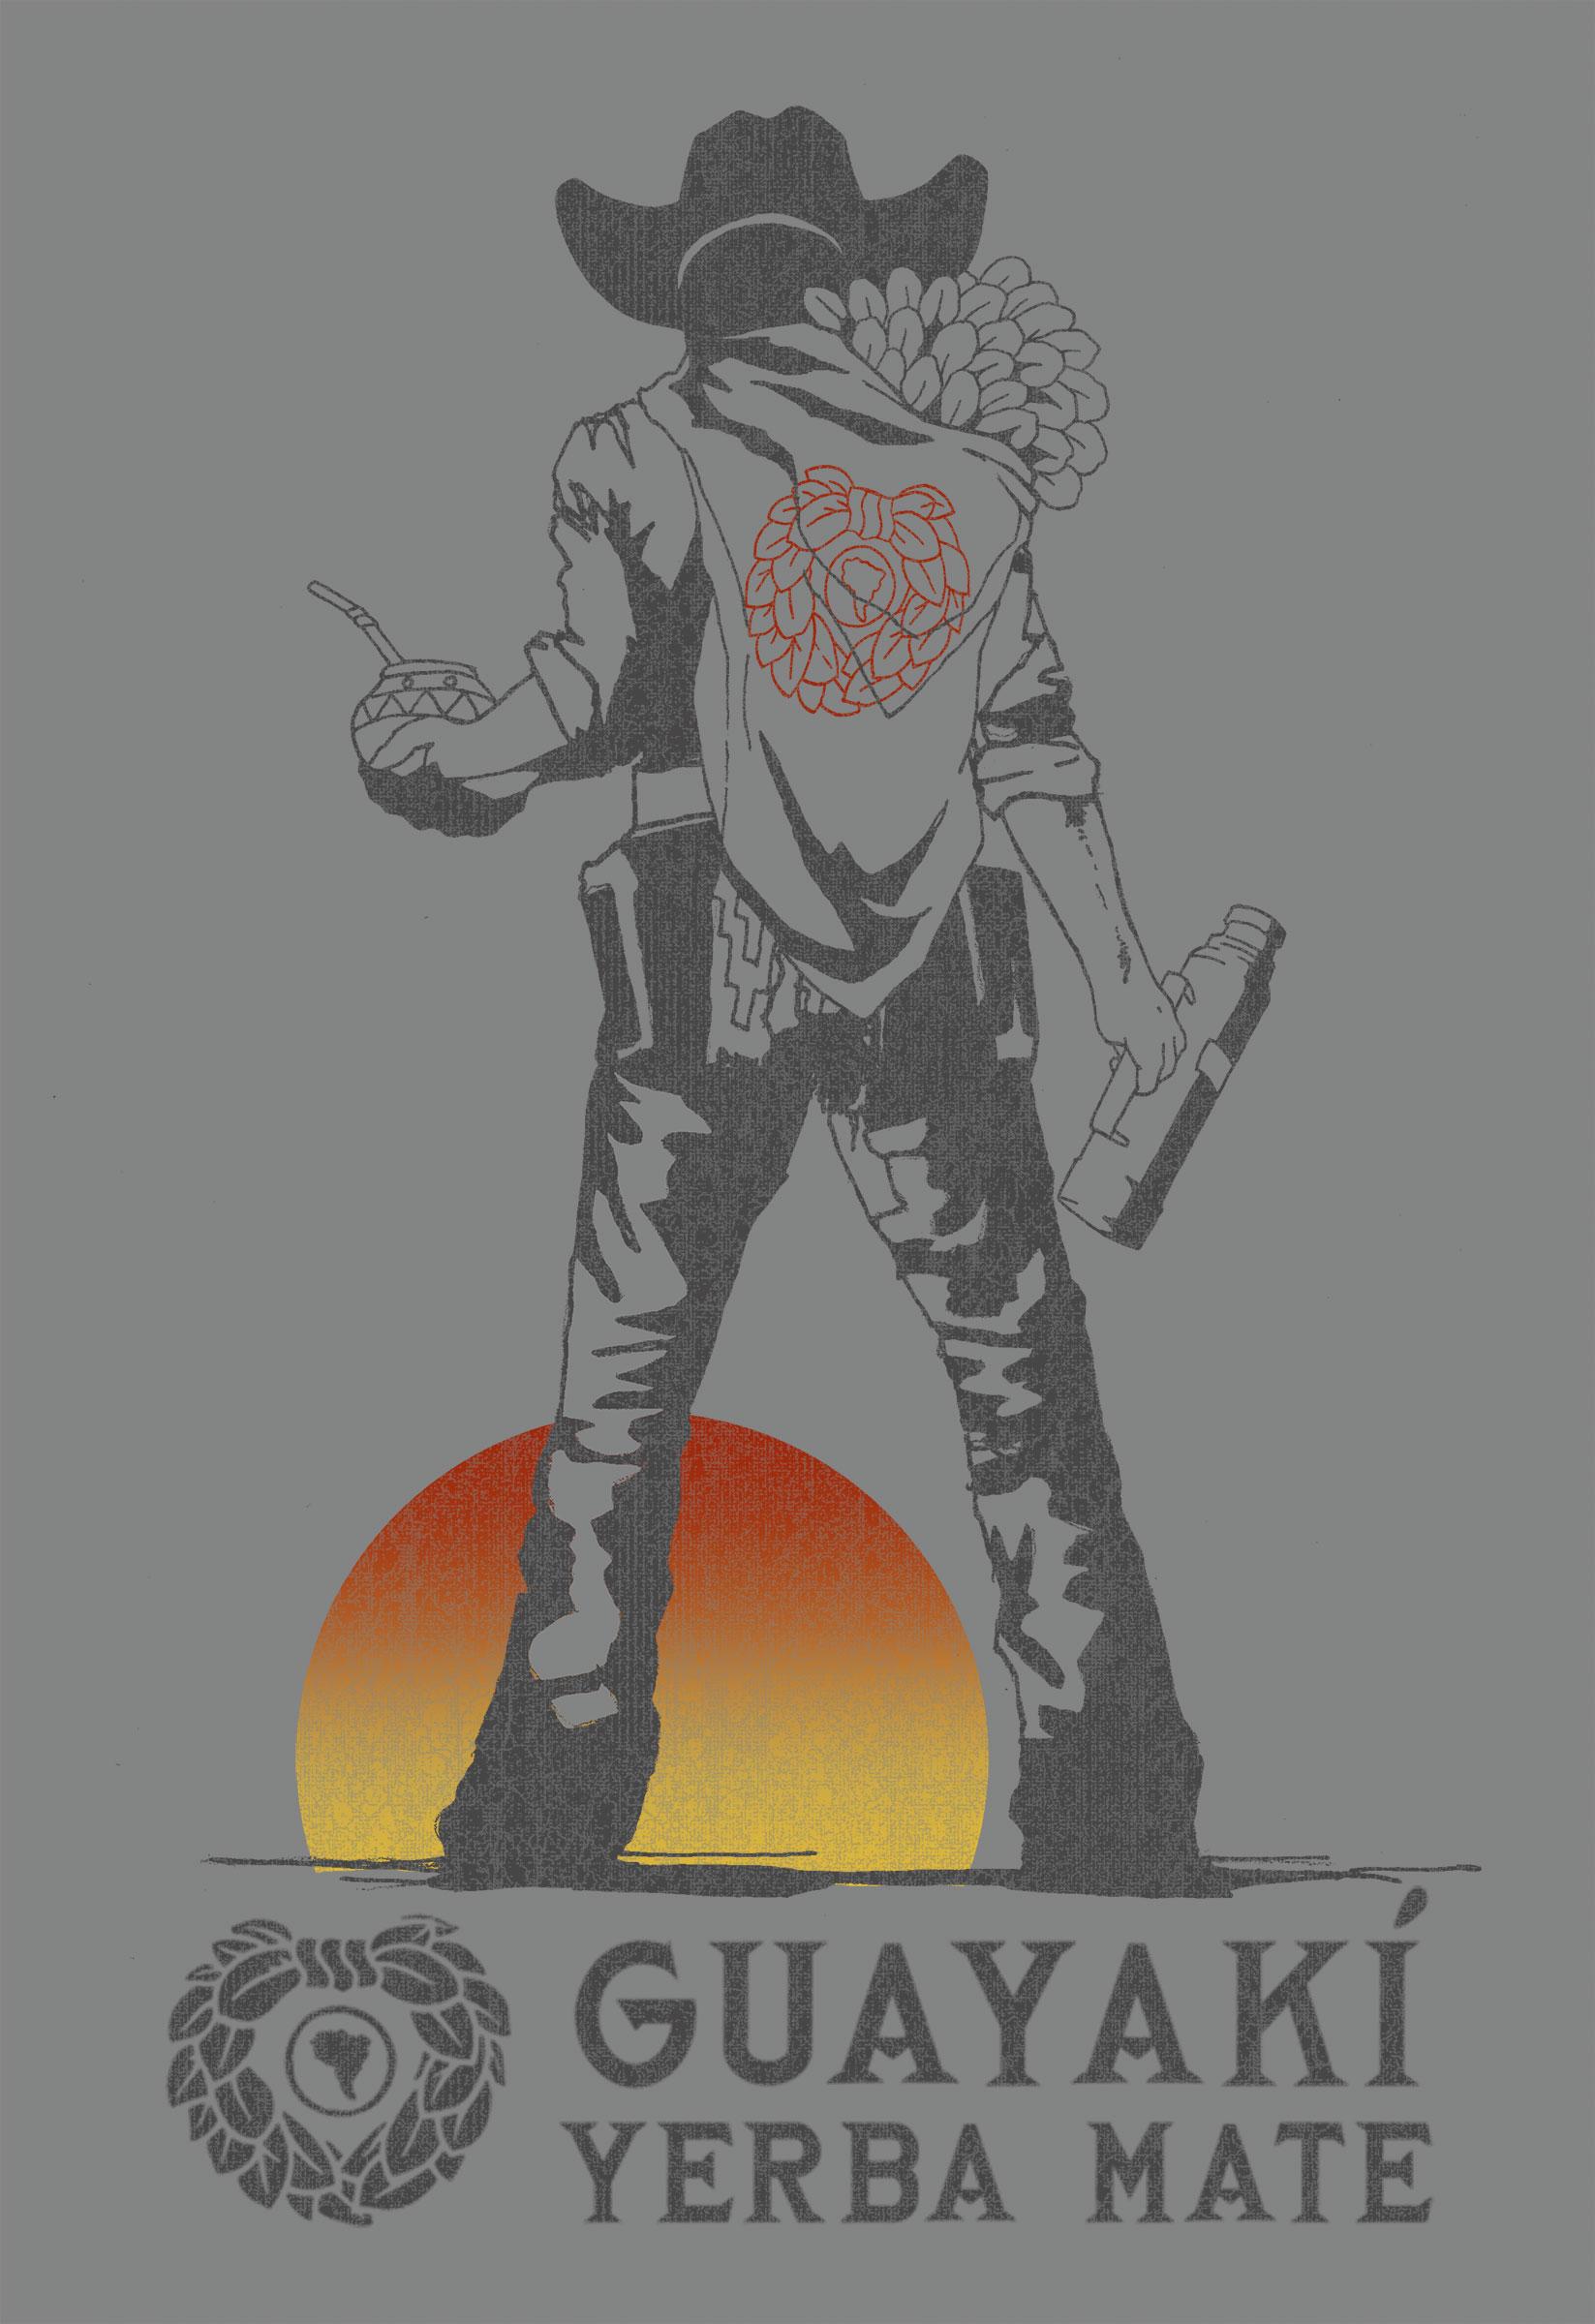 brandingguayaki-grey-logo